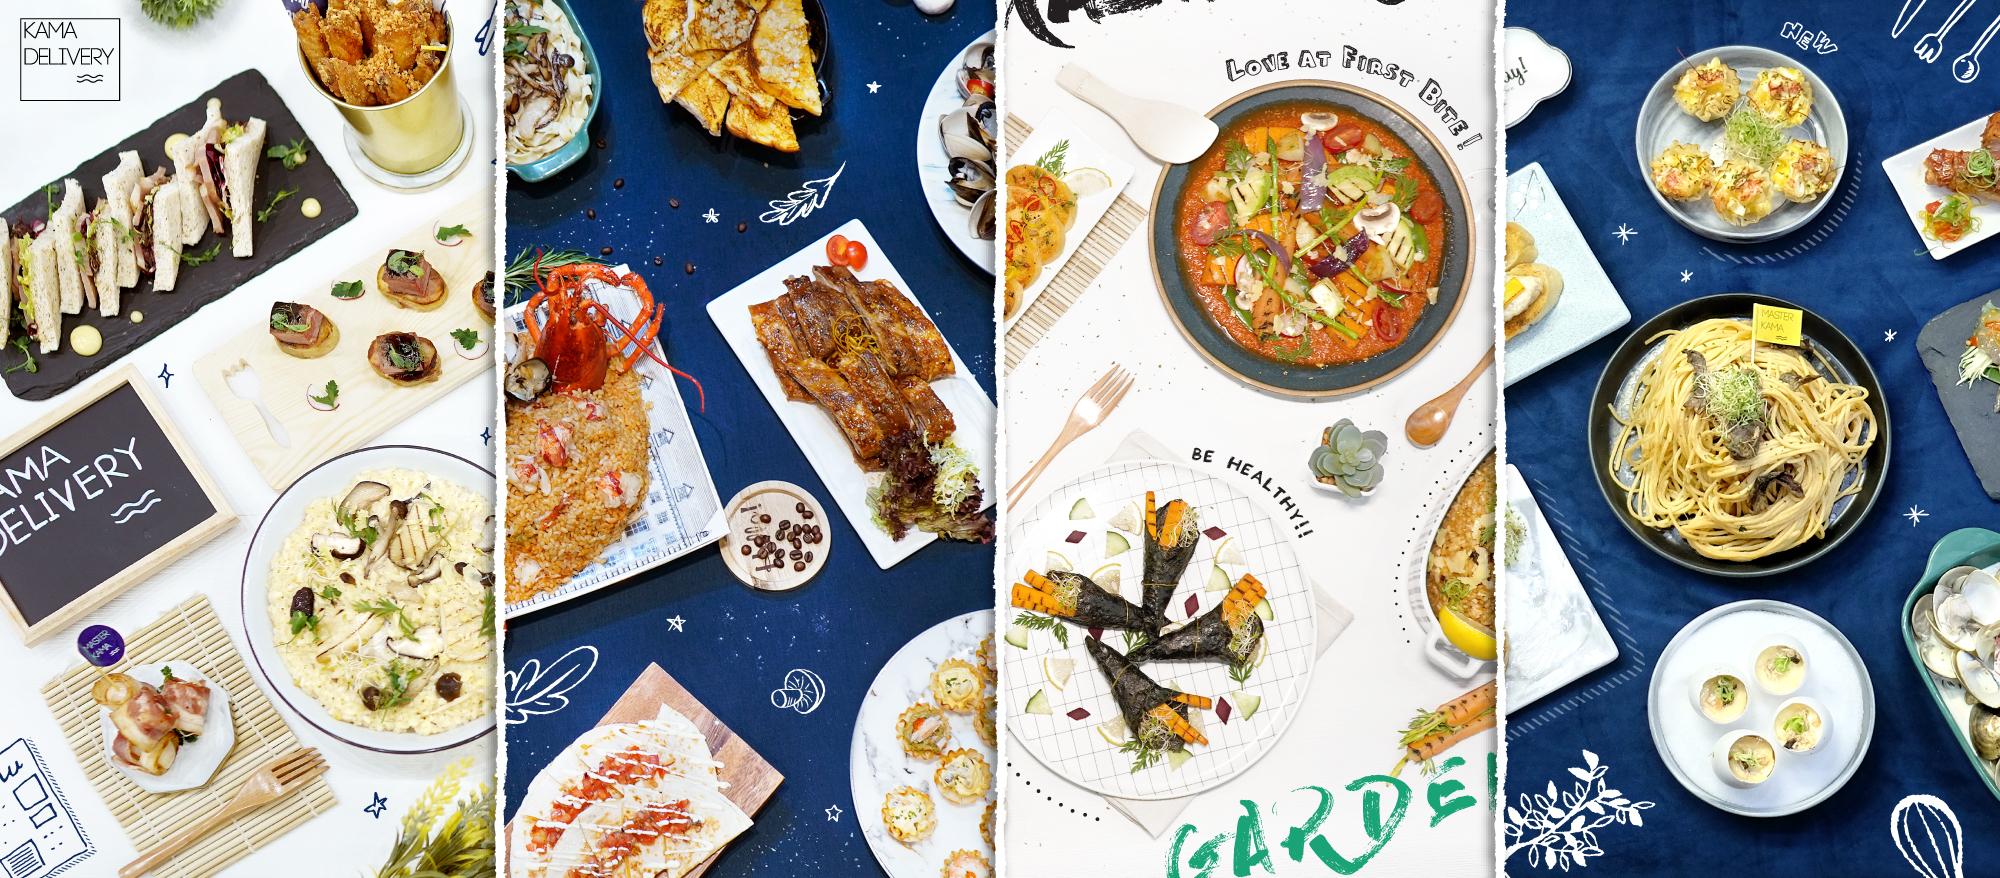 美食到會外賣推介|多款特色派對套餐自由選擇|香港人首選餐飲服務公司|Kama Delivery Catering